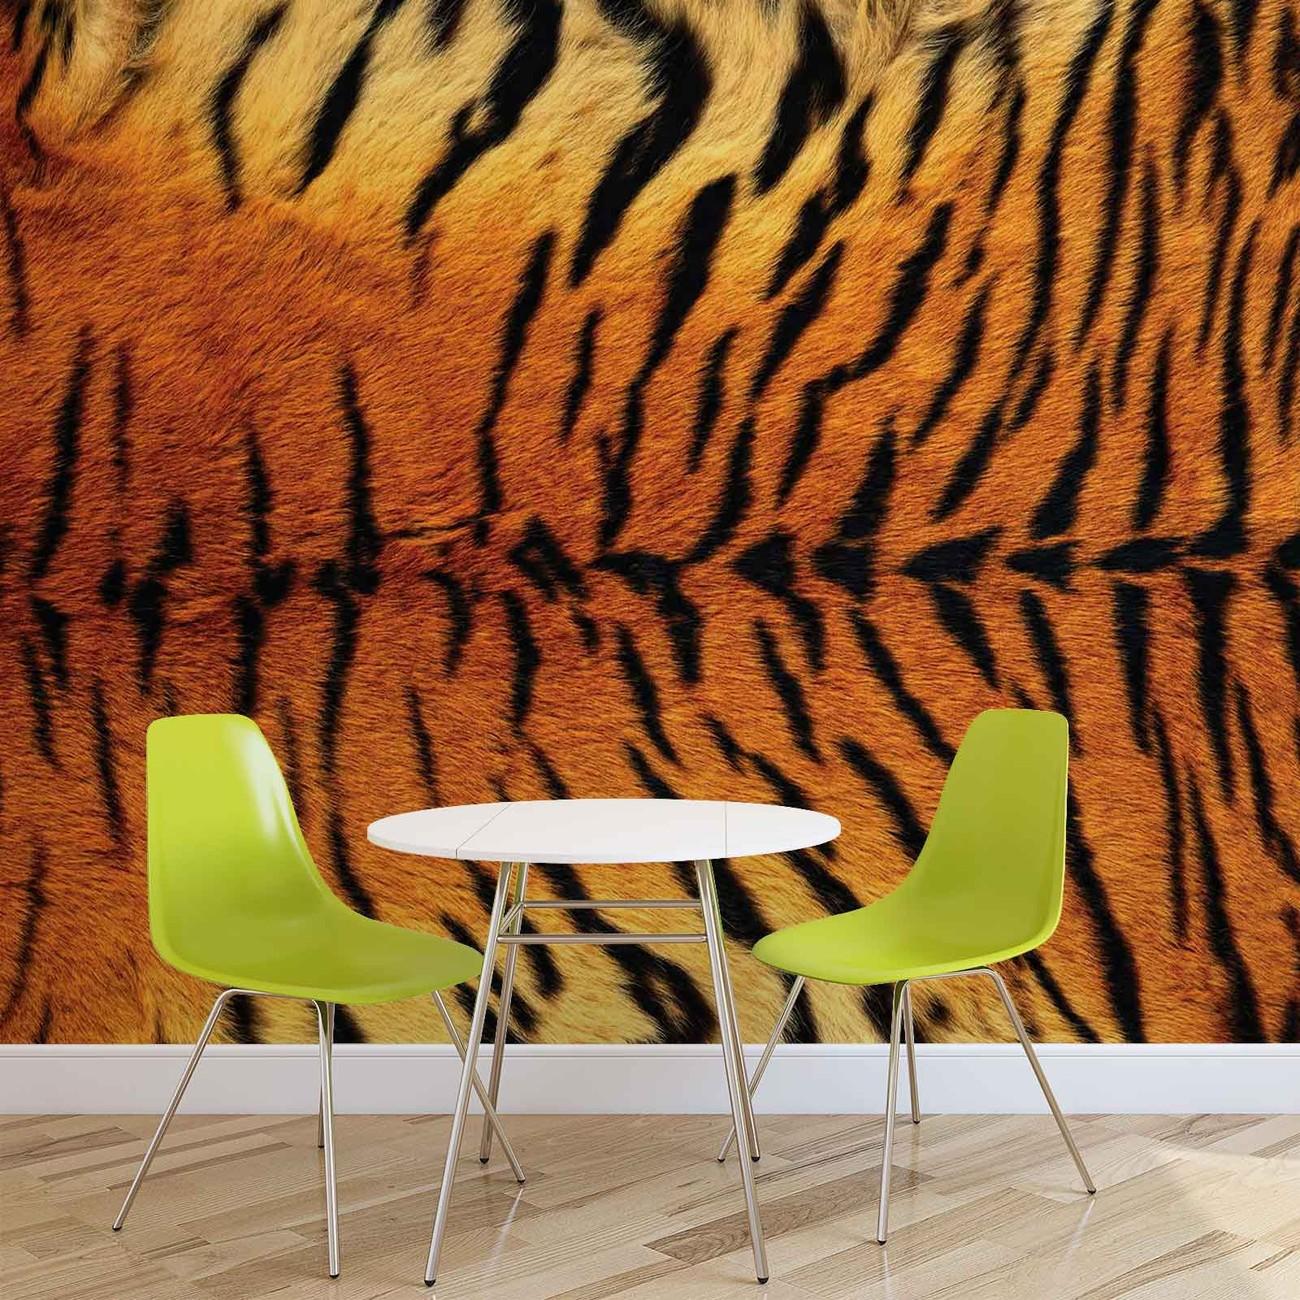 peau de tigre poster mural papier peint acheter le sur. Black Bedroom Furniture Sets. Home Design Ideas